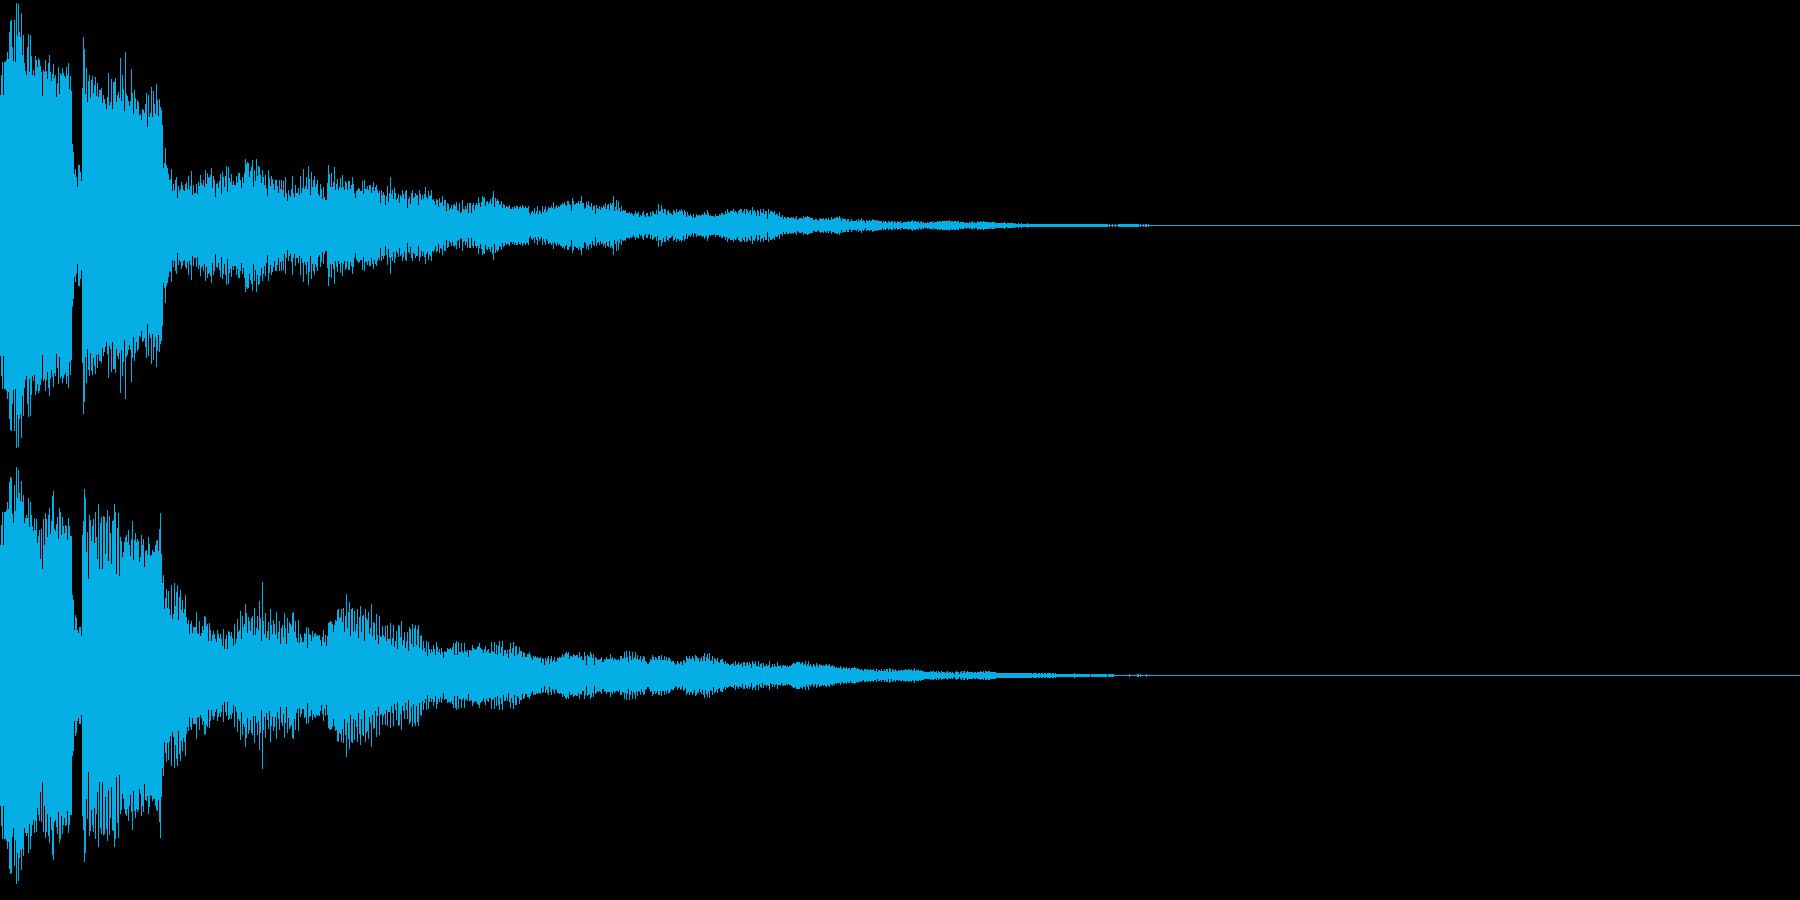 ピコン ピコ チャリン 開くの再生済みの波形